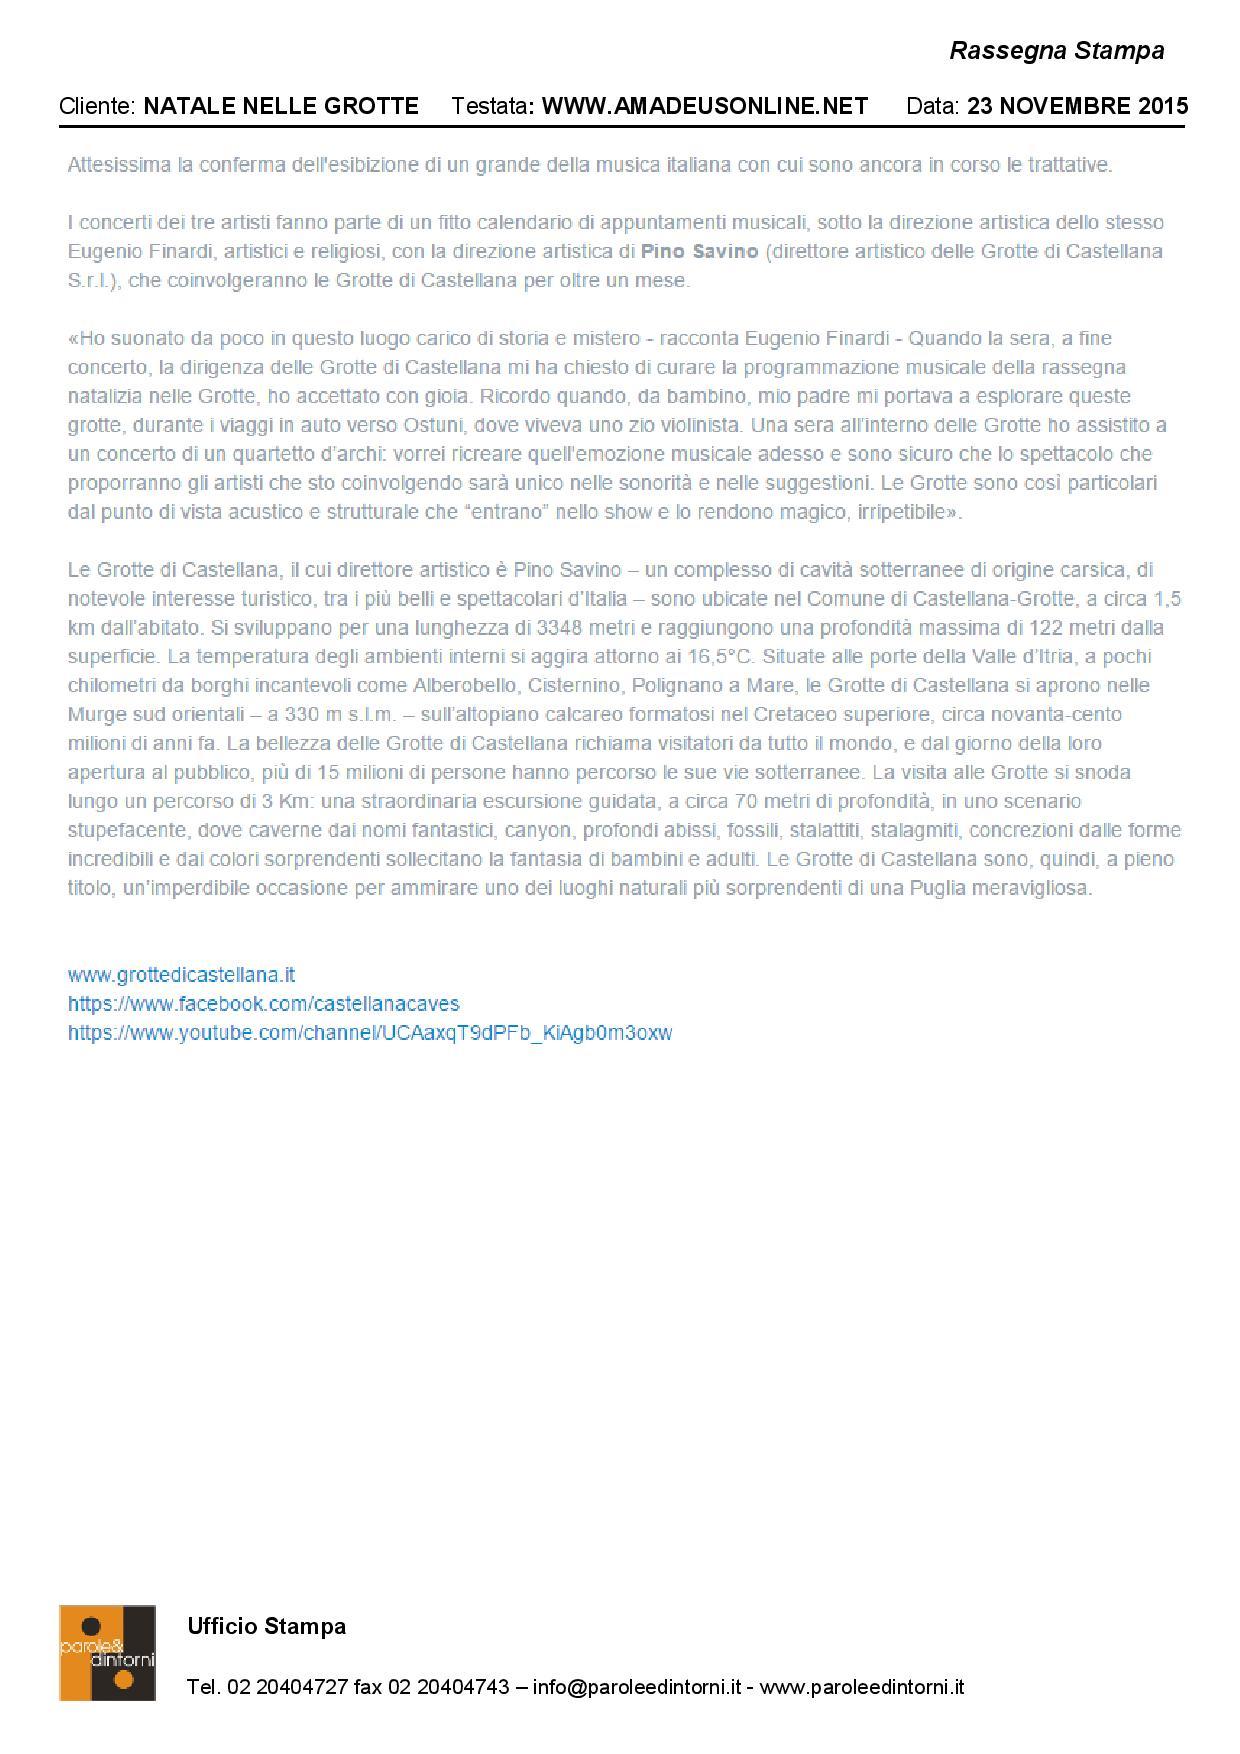 20151123_www.amadeusonline.net_Natale nelle Grotte-page-002